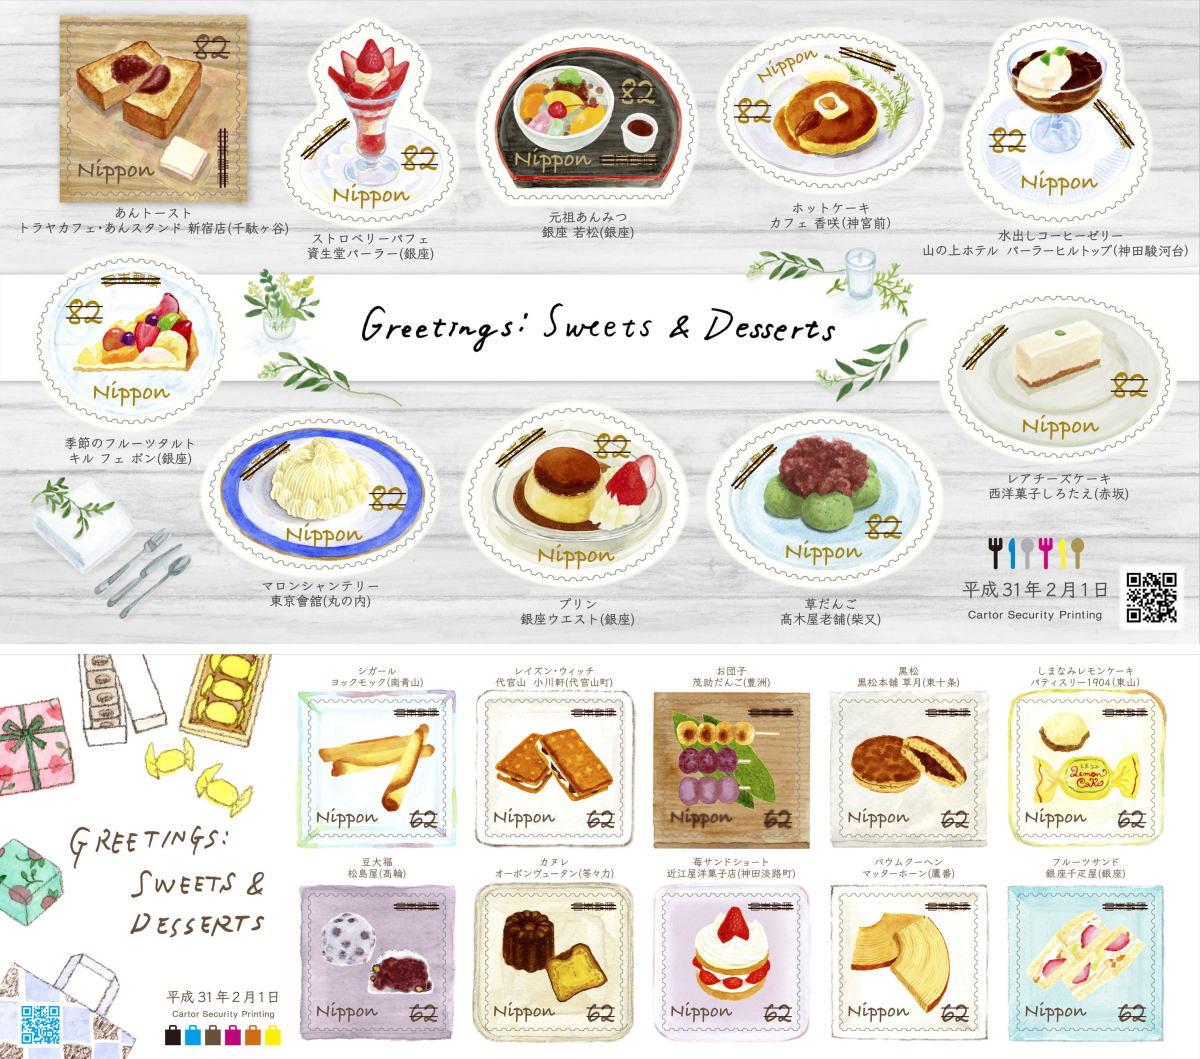 スウィーツ切手が、本日2月1日(金)から全国の郵便局で発行されます。切手テーマは、東京で見つけた可愛らしくて知り合いに見せたくなるお菓子で、82円切手は実店舗で食べられる10選、62円切手は手土産10選です。あなたは、どのスウィーツが食べたいですか。